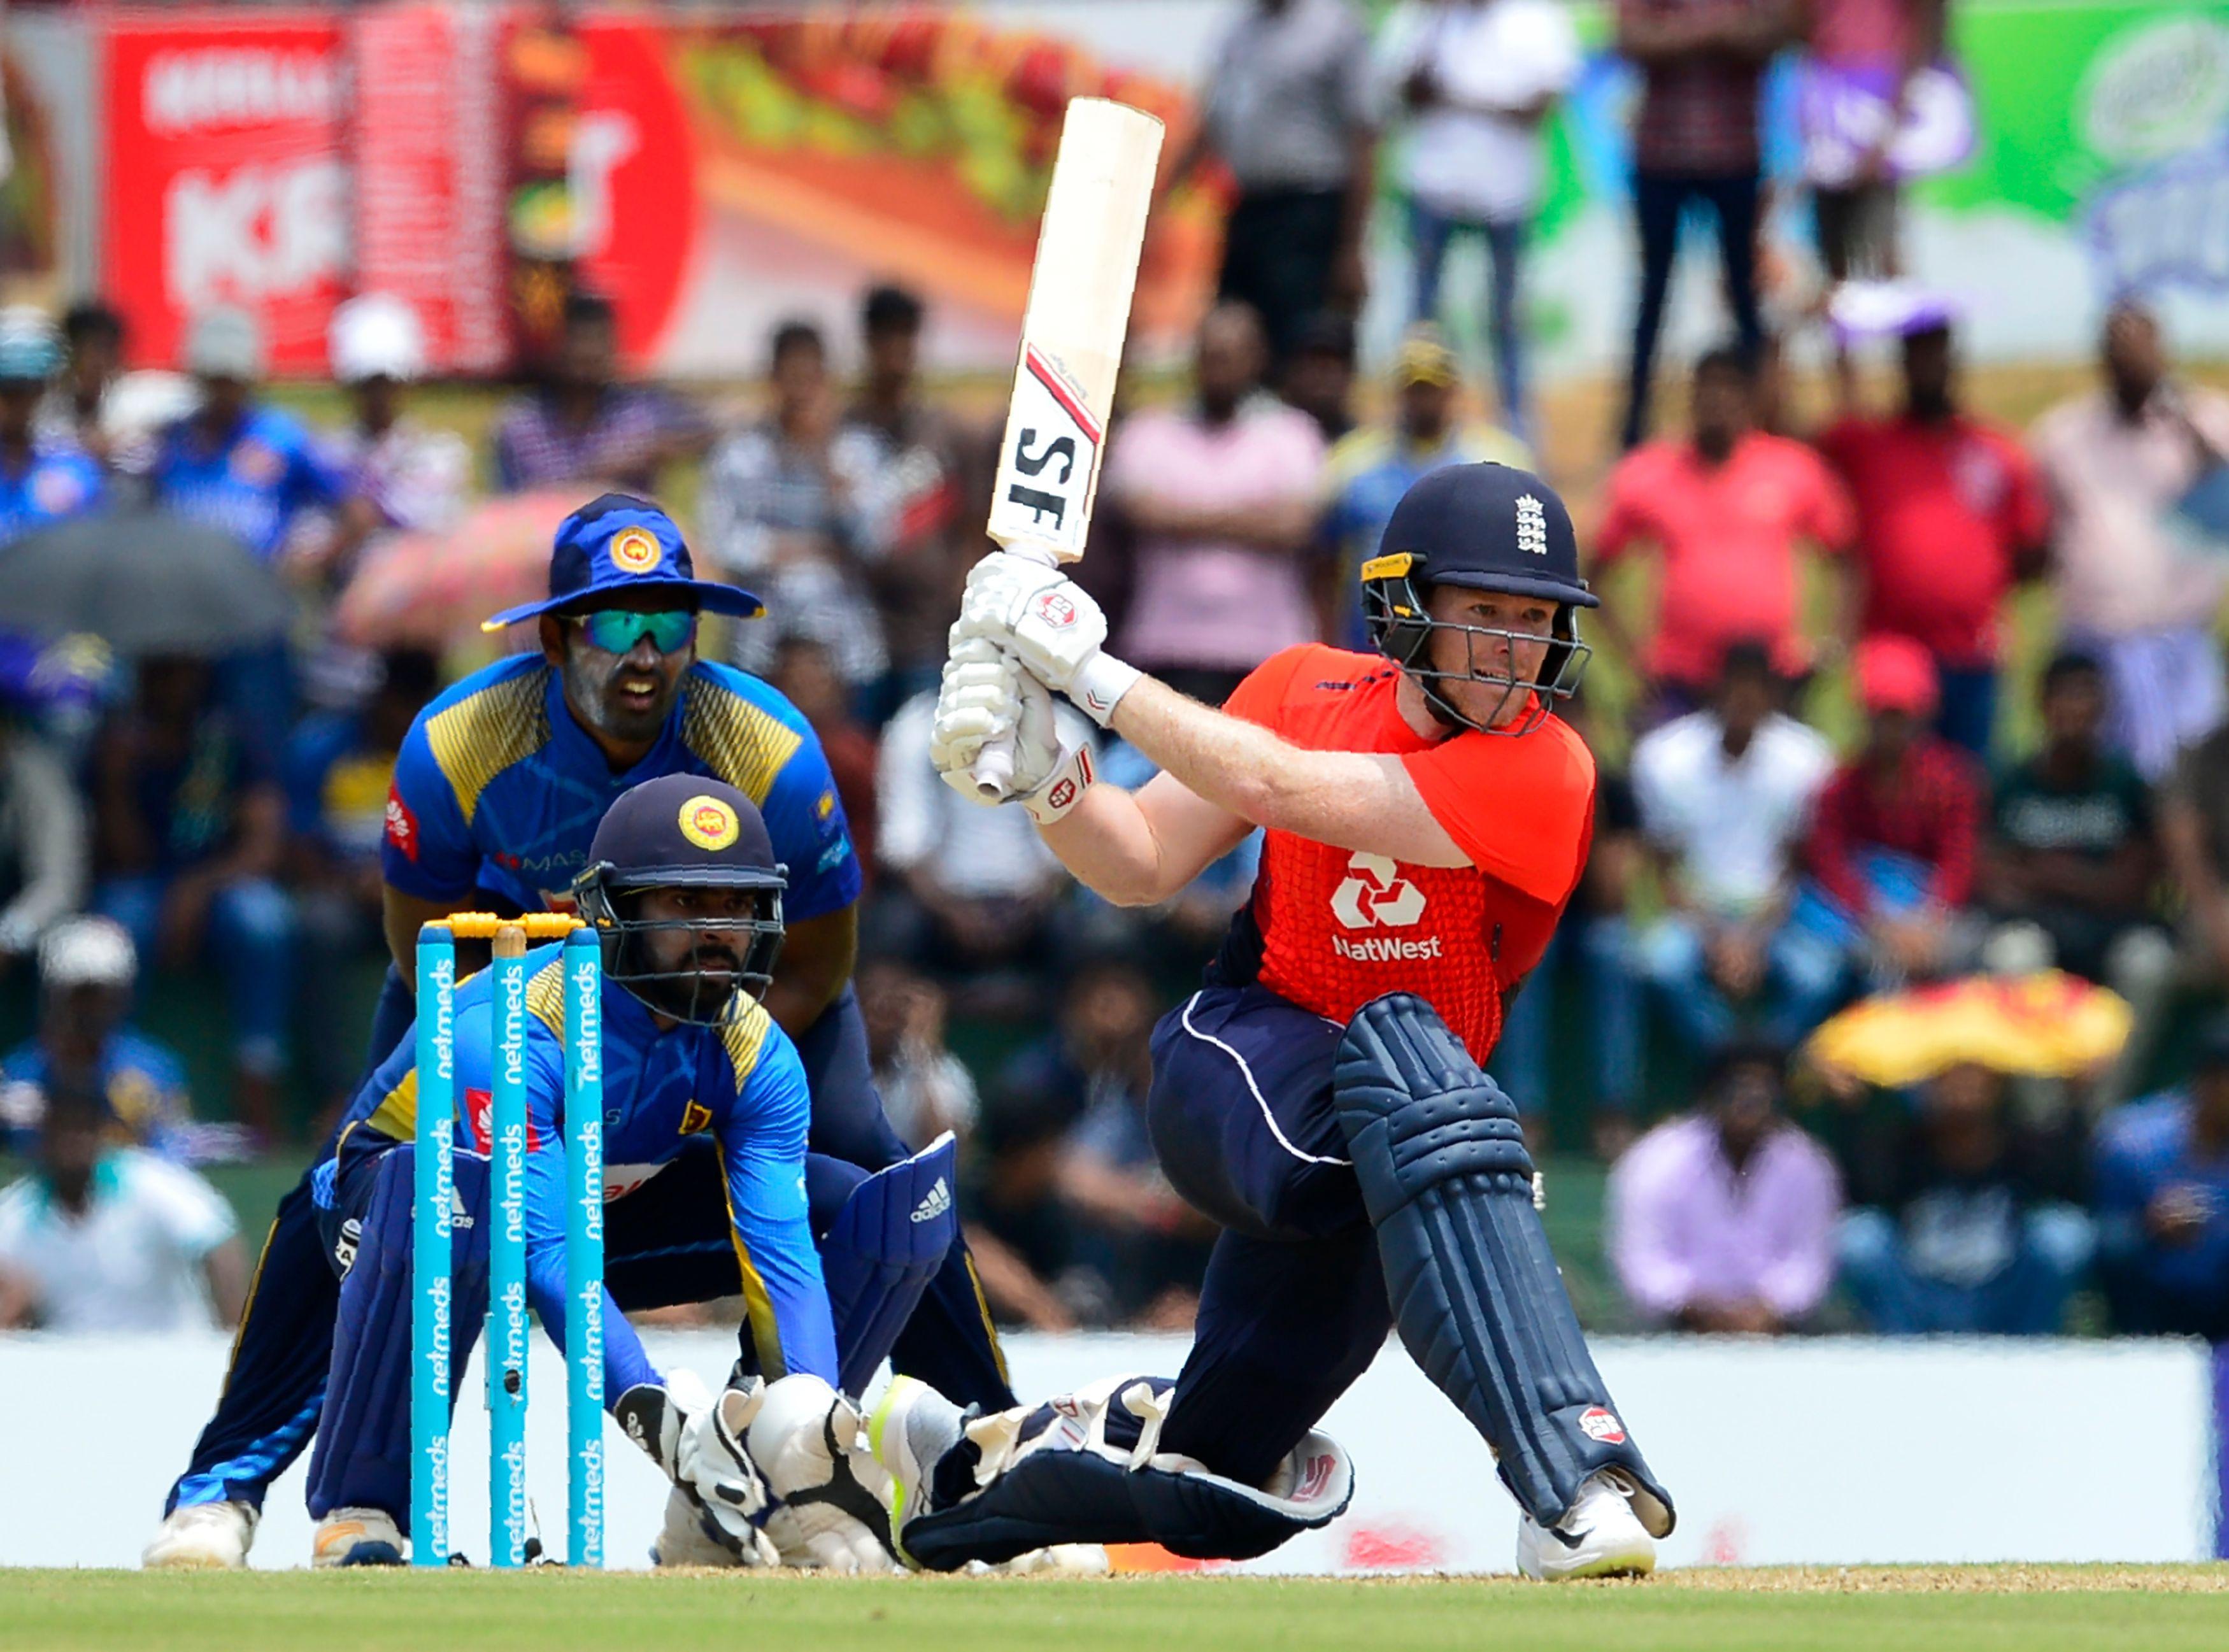 Captain Eoin Morgan top scored for England with 92 runs off 91 balls faced